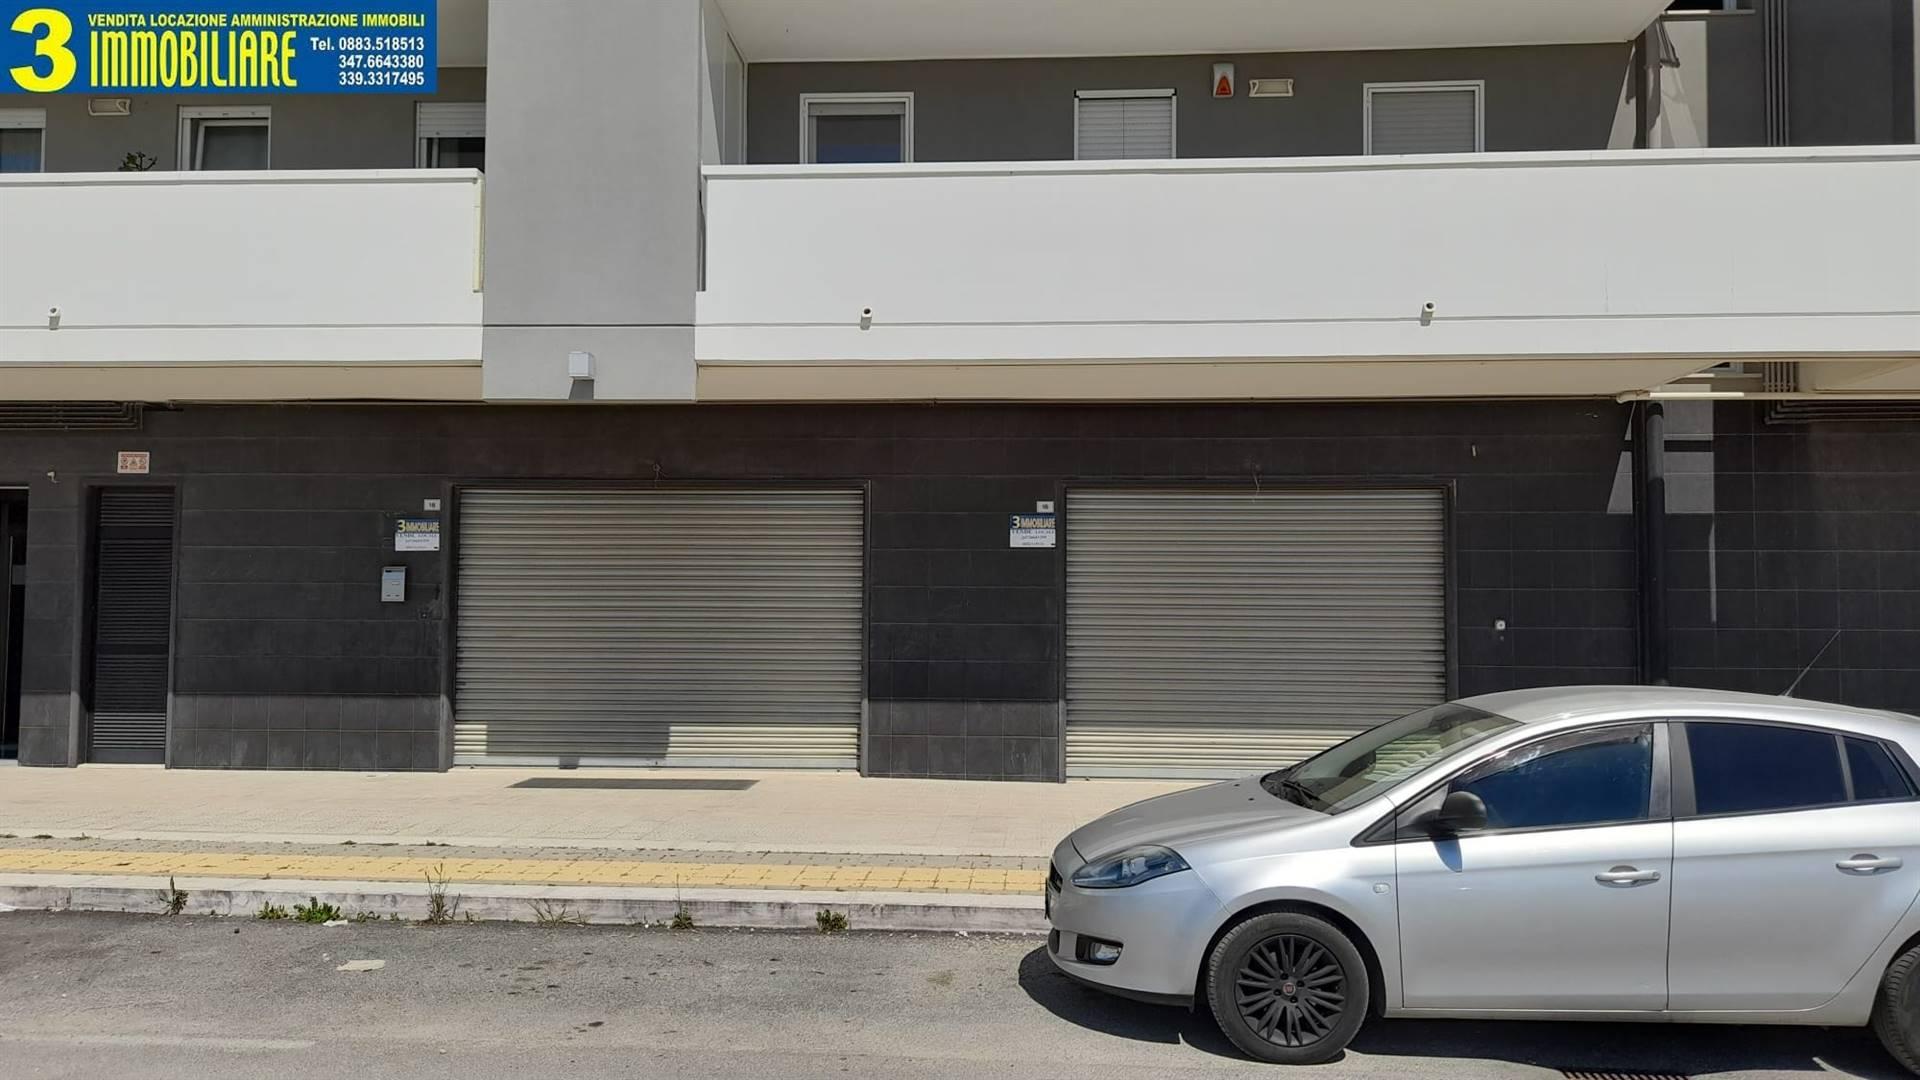 Immobile Commerciale in vendita a Barletta, 3 locali, zona Località: 167, prezzo € 110.000 | CambioCasa.it